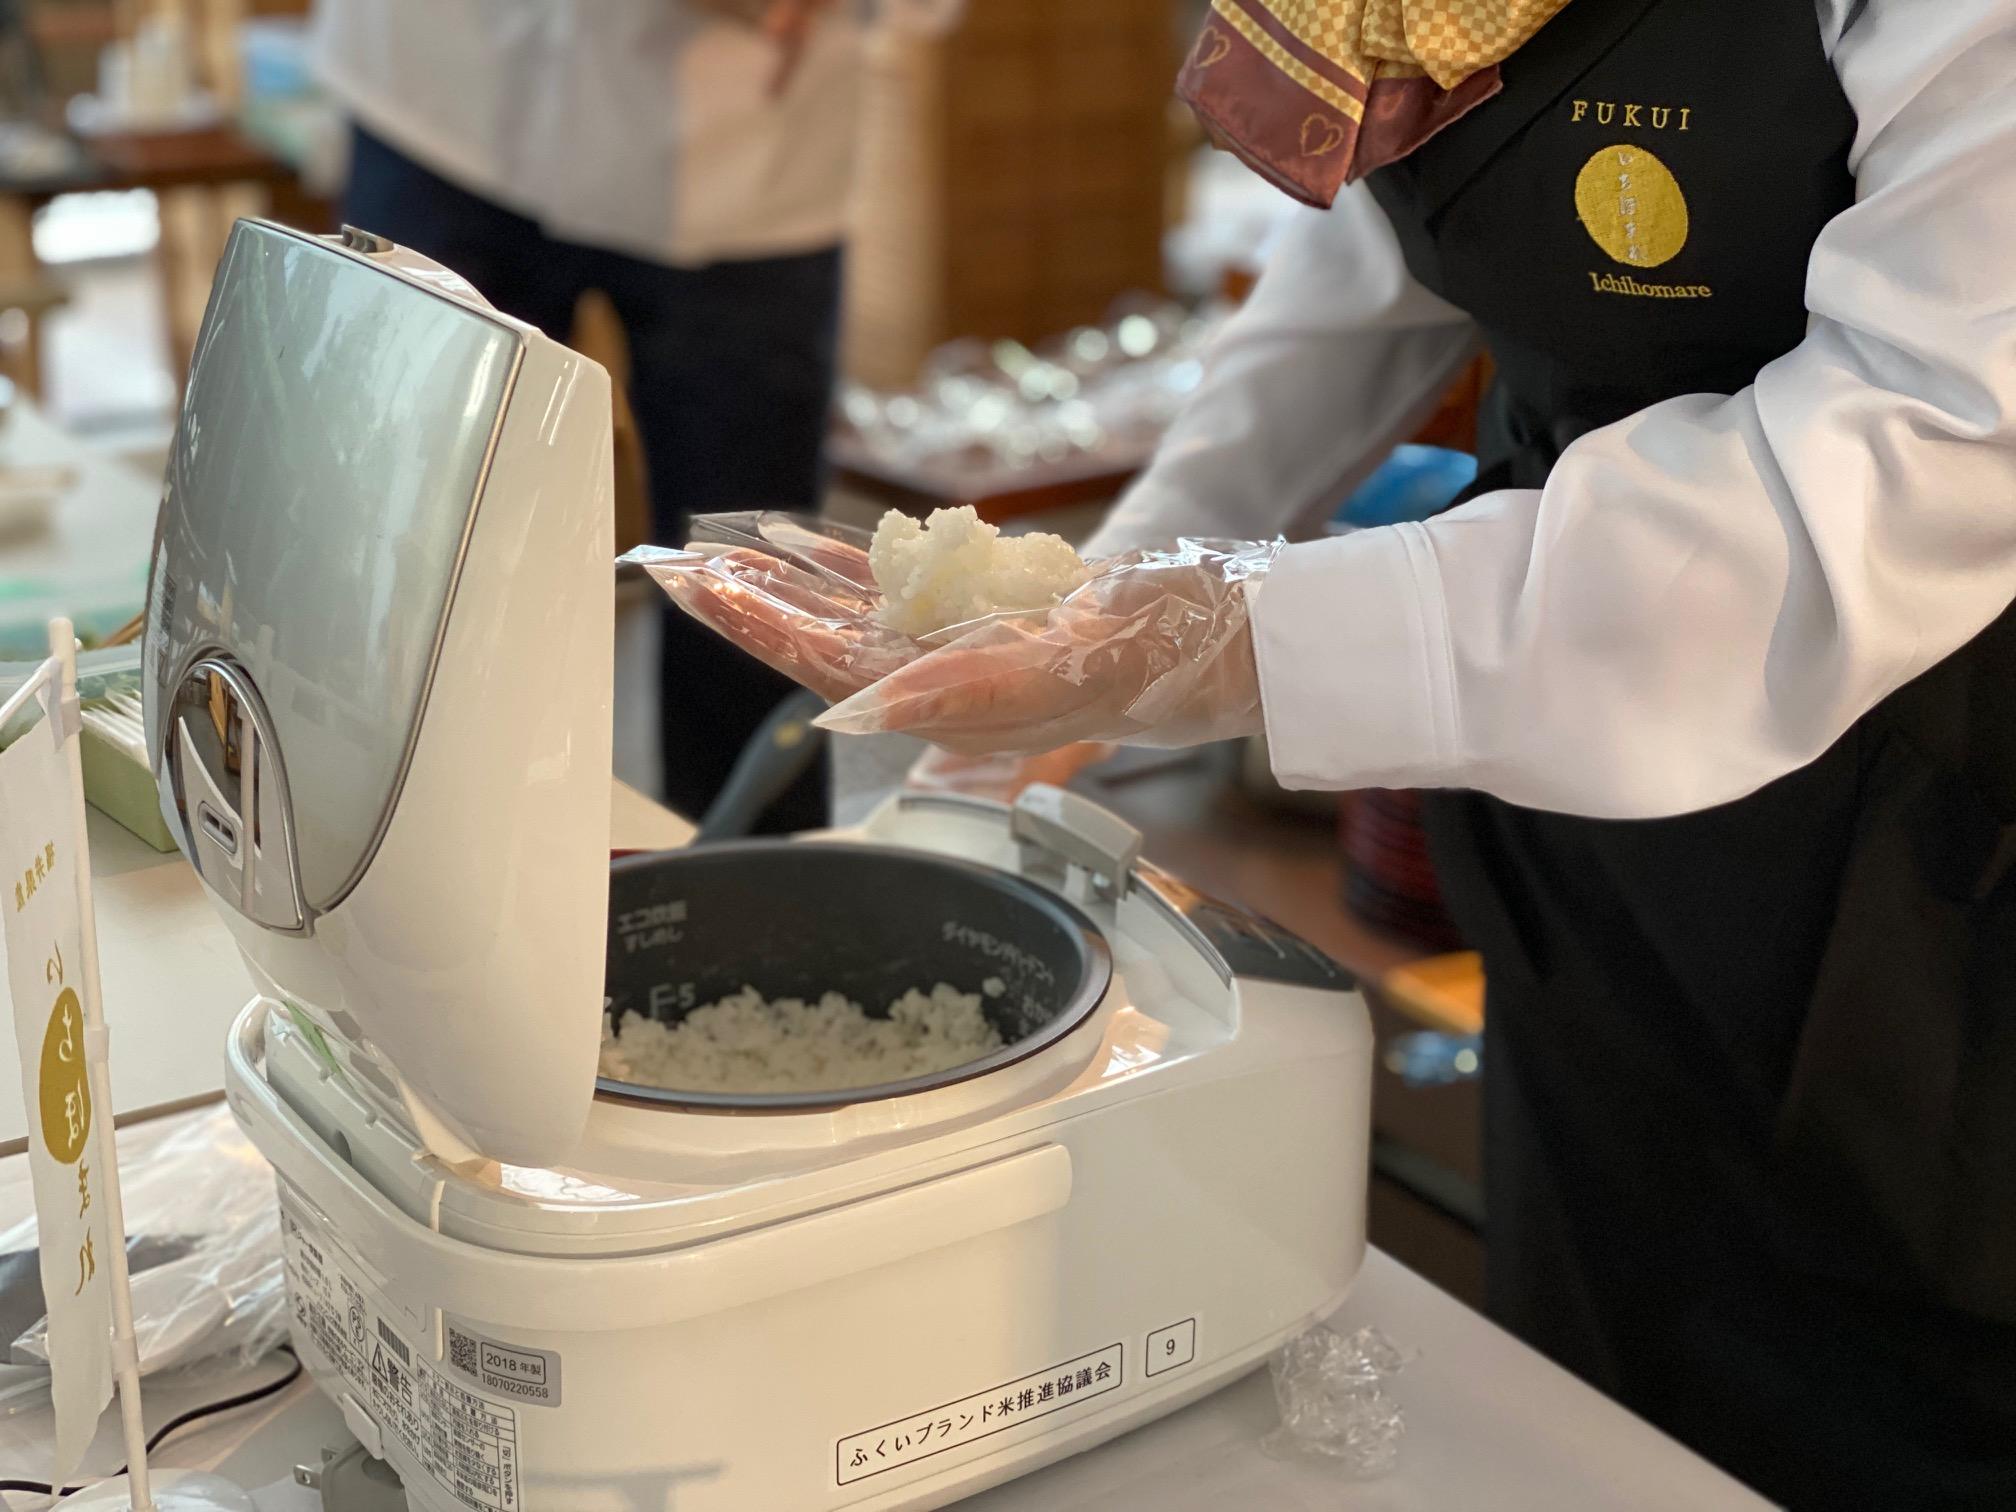 2019年11月 福井県産「いちほまれ」×神宗「にゅうめん」試食会